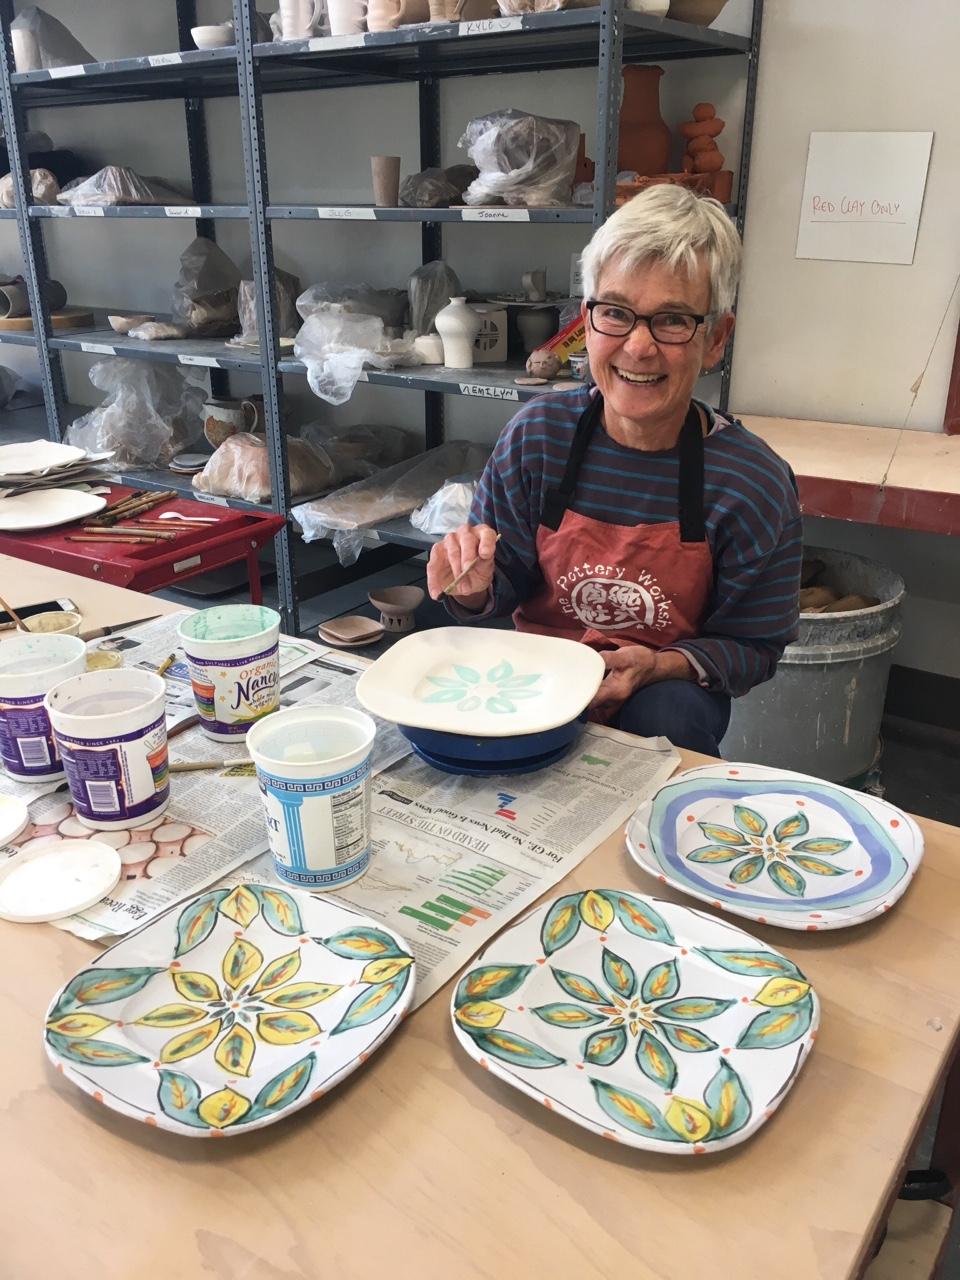 Sarah Jaeger: Set of 8 plates